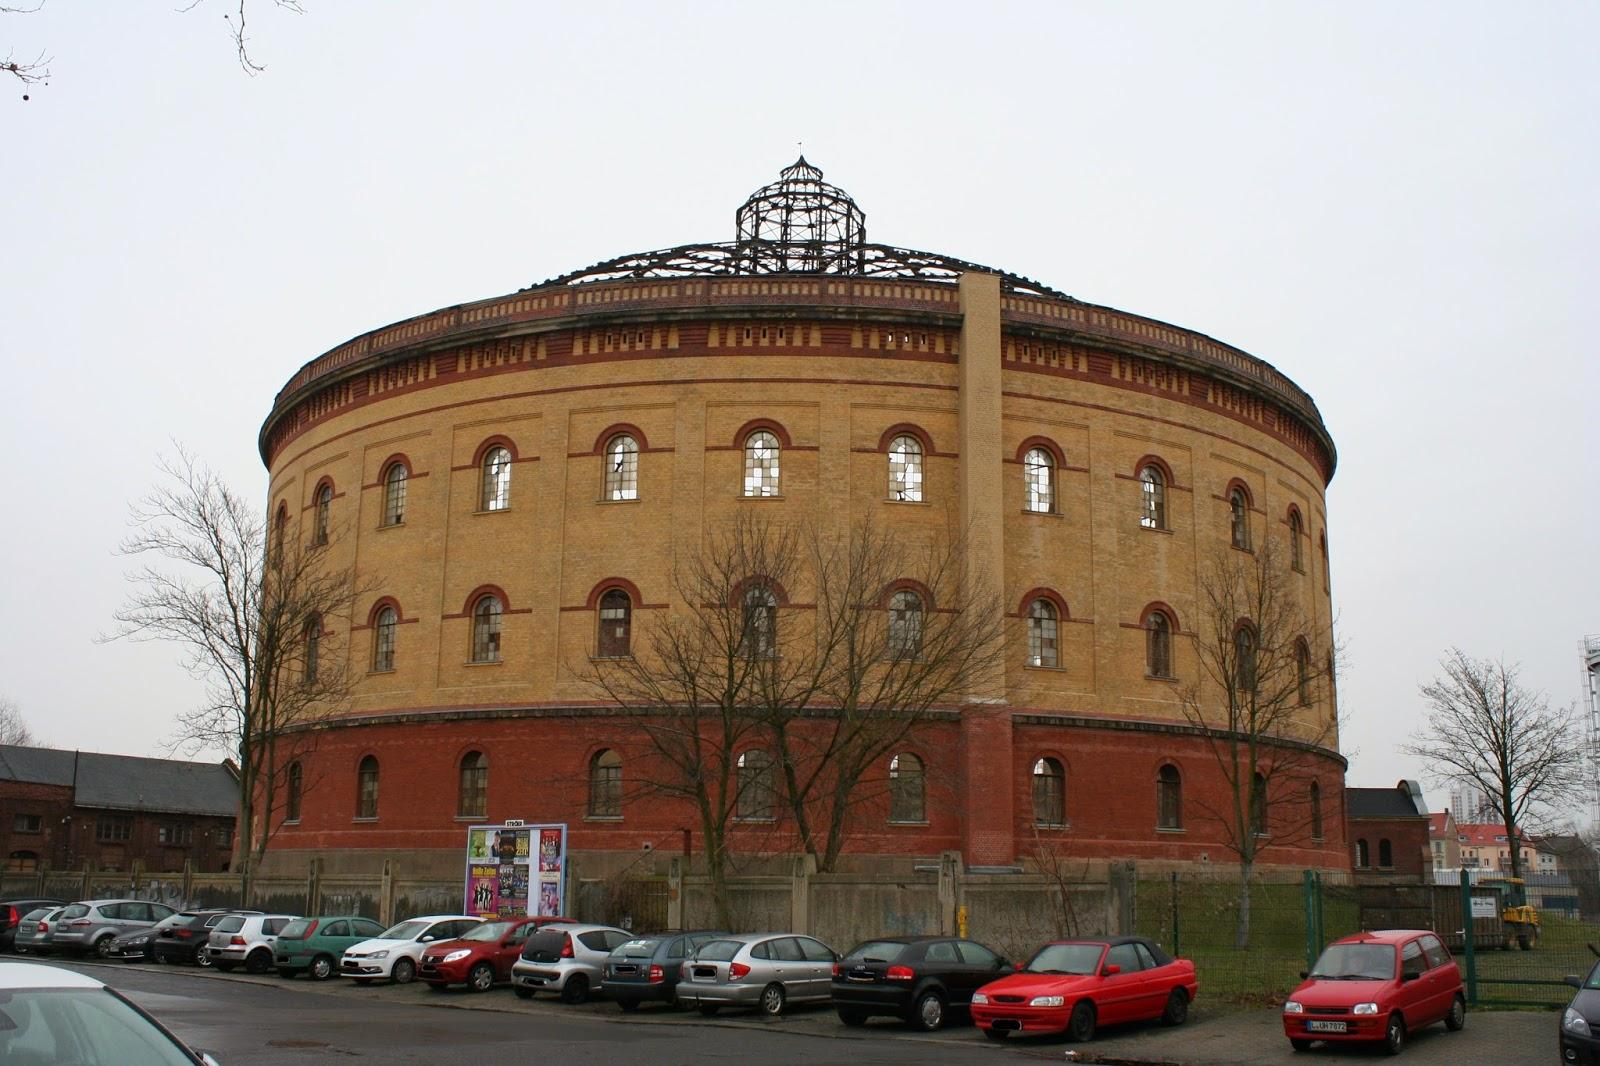 Das Gasometer Nord befindet sich an der Roscherstraße und wurde um 1890 erbaut - der Durchmesser des Bauwerkes ist ca. 60 Meter - als Bestandteil des städtischen Gaswerkes hatte das Gasometer die Aufgabe, das produzierte Gas zu speichern